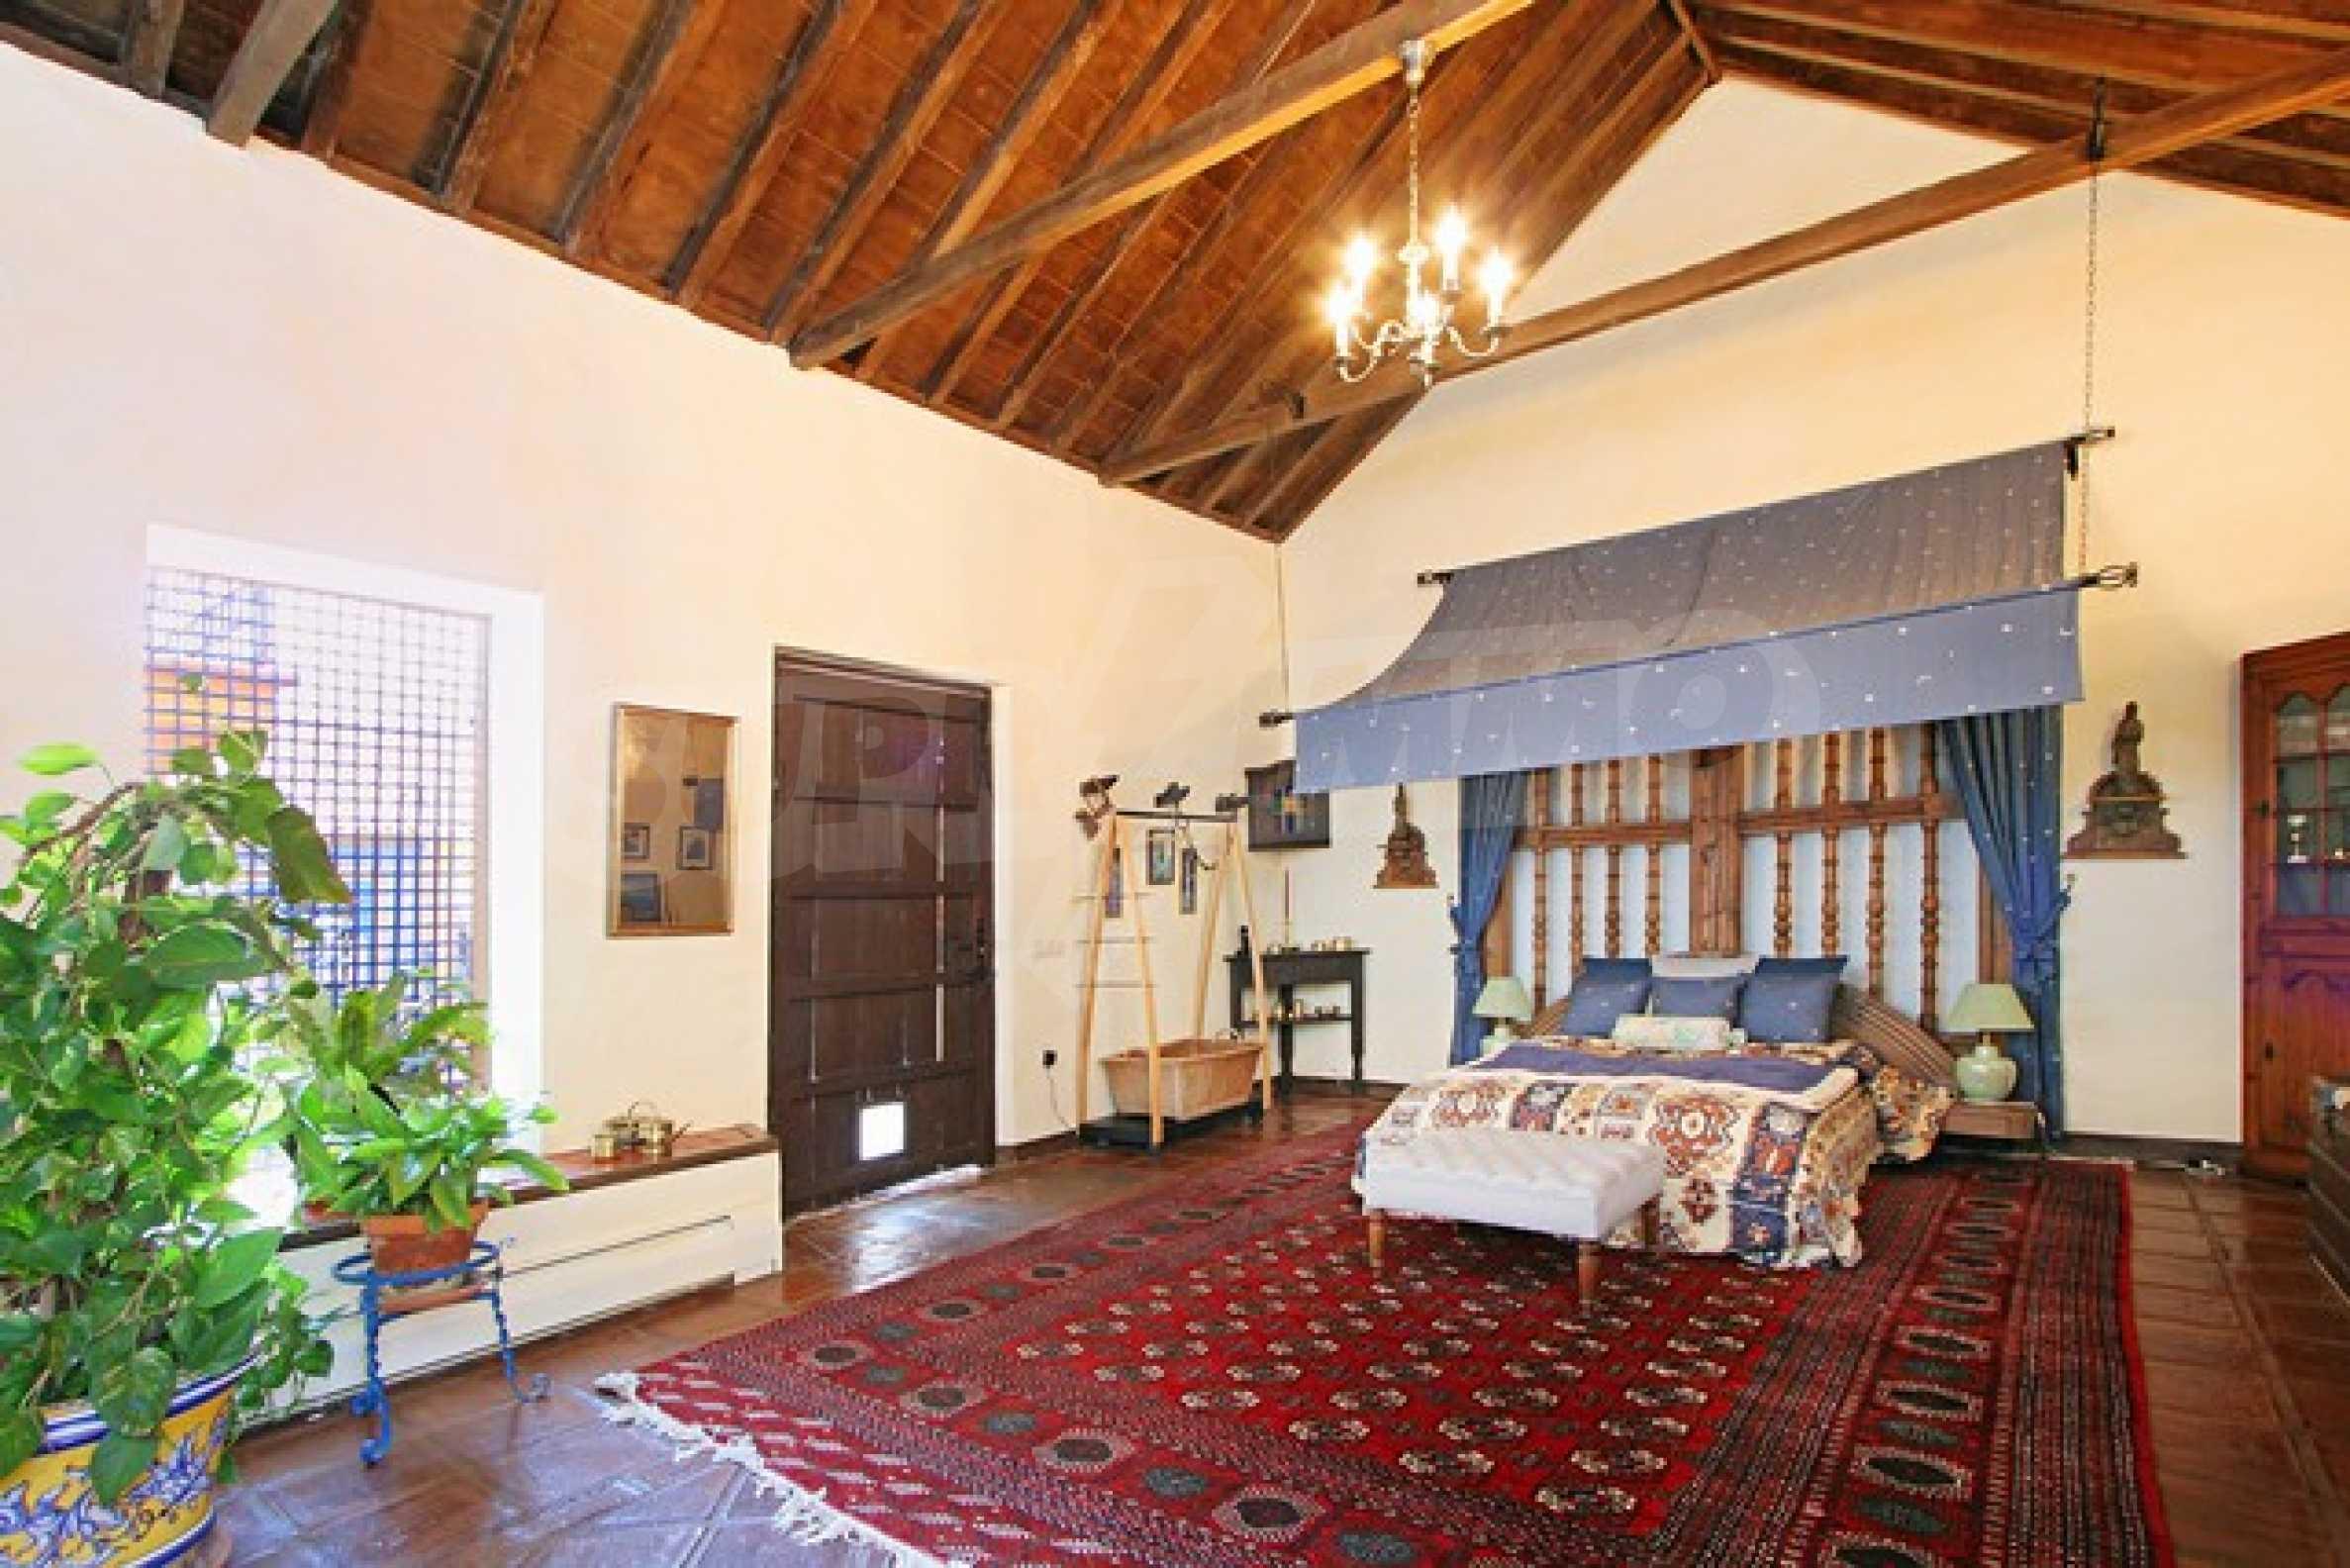 Къща в испански стил 18